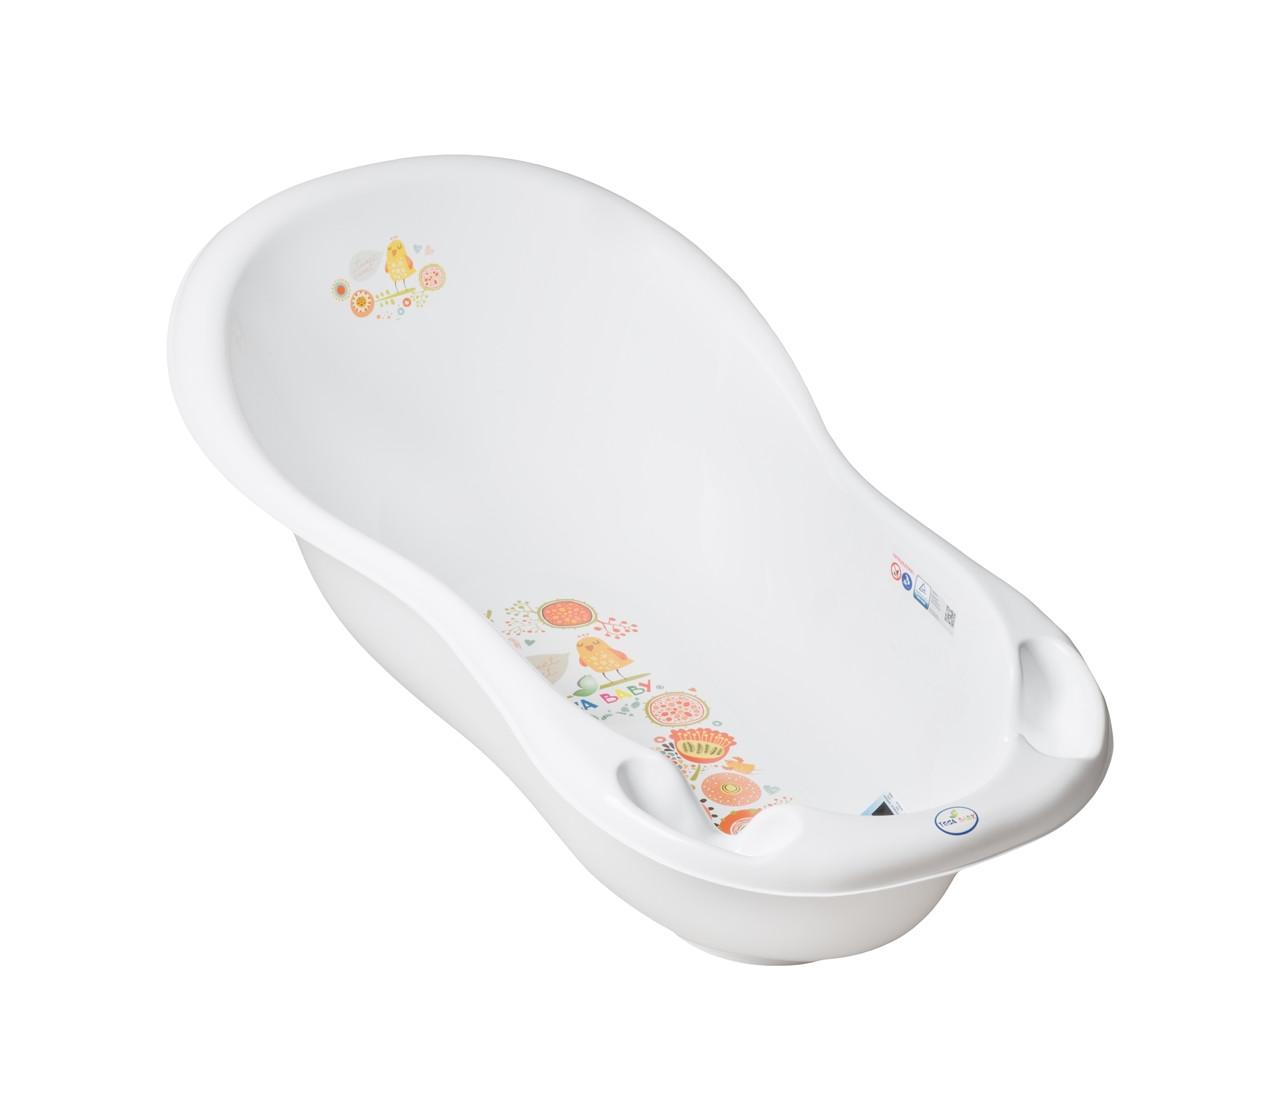 Ванночка Tega Baby Folk Lux FL-005 со сливом и термодатчиком белая